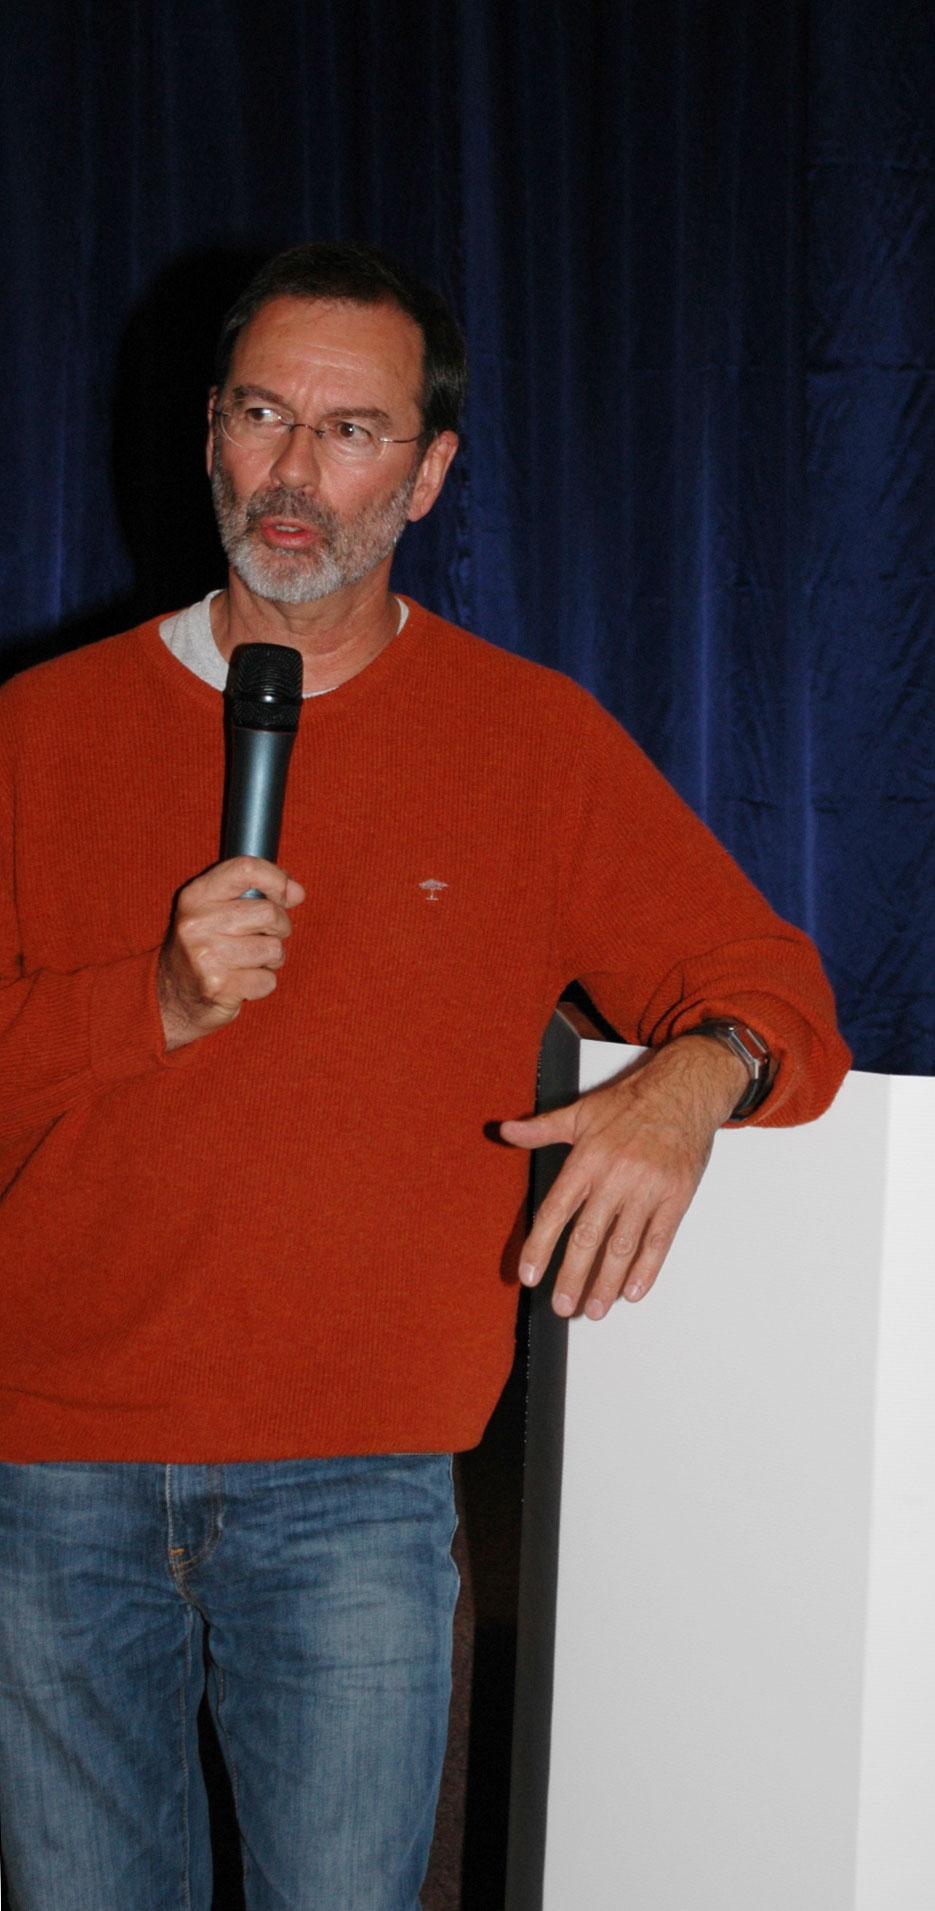 Prof. Dr. Hans Förstl im KWA Stift Rottal bei der Jubiläumsfeier 50 Jahre KWA